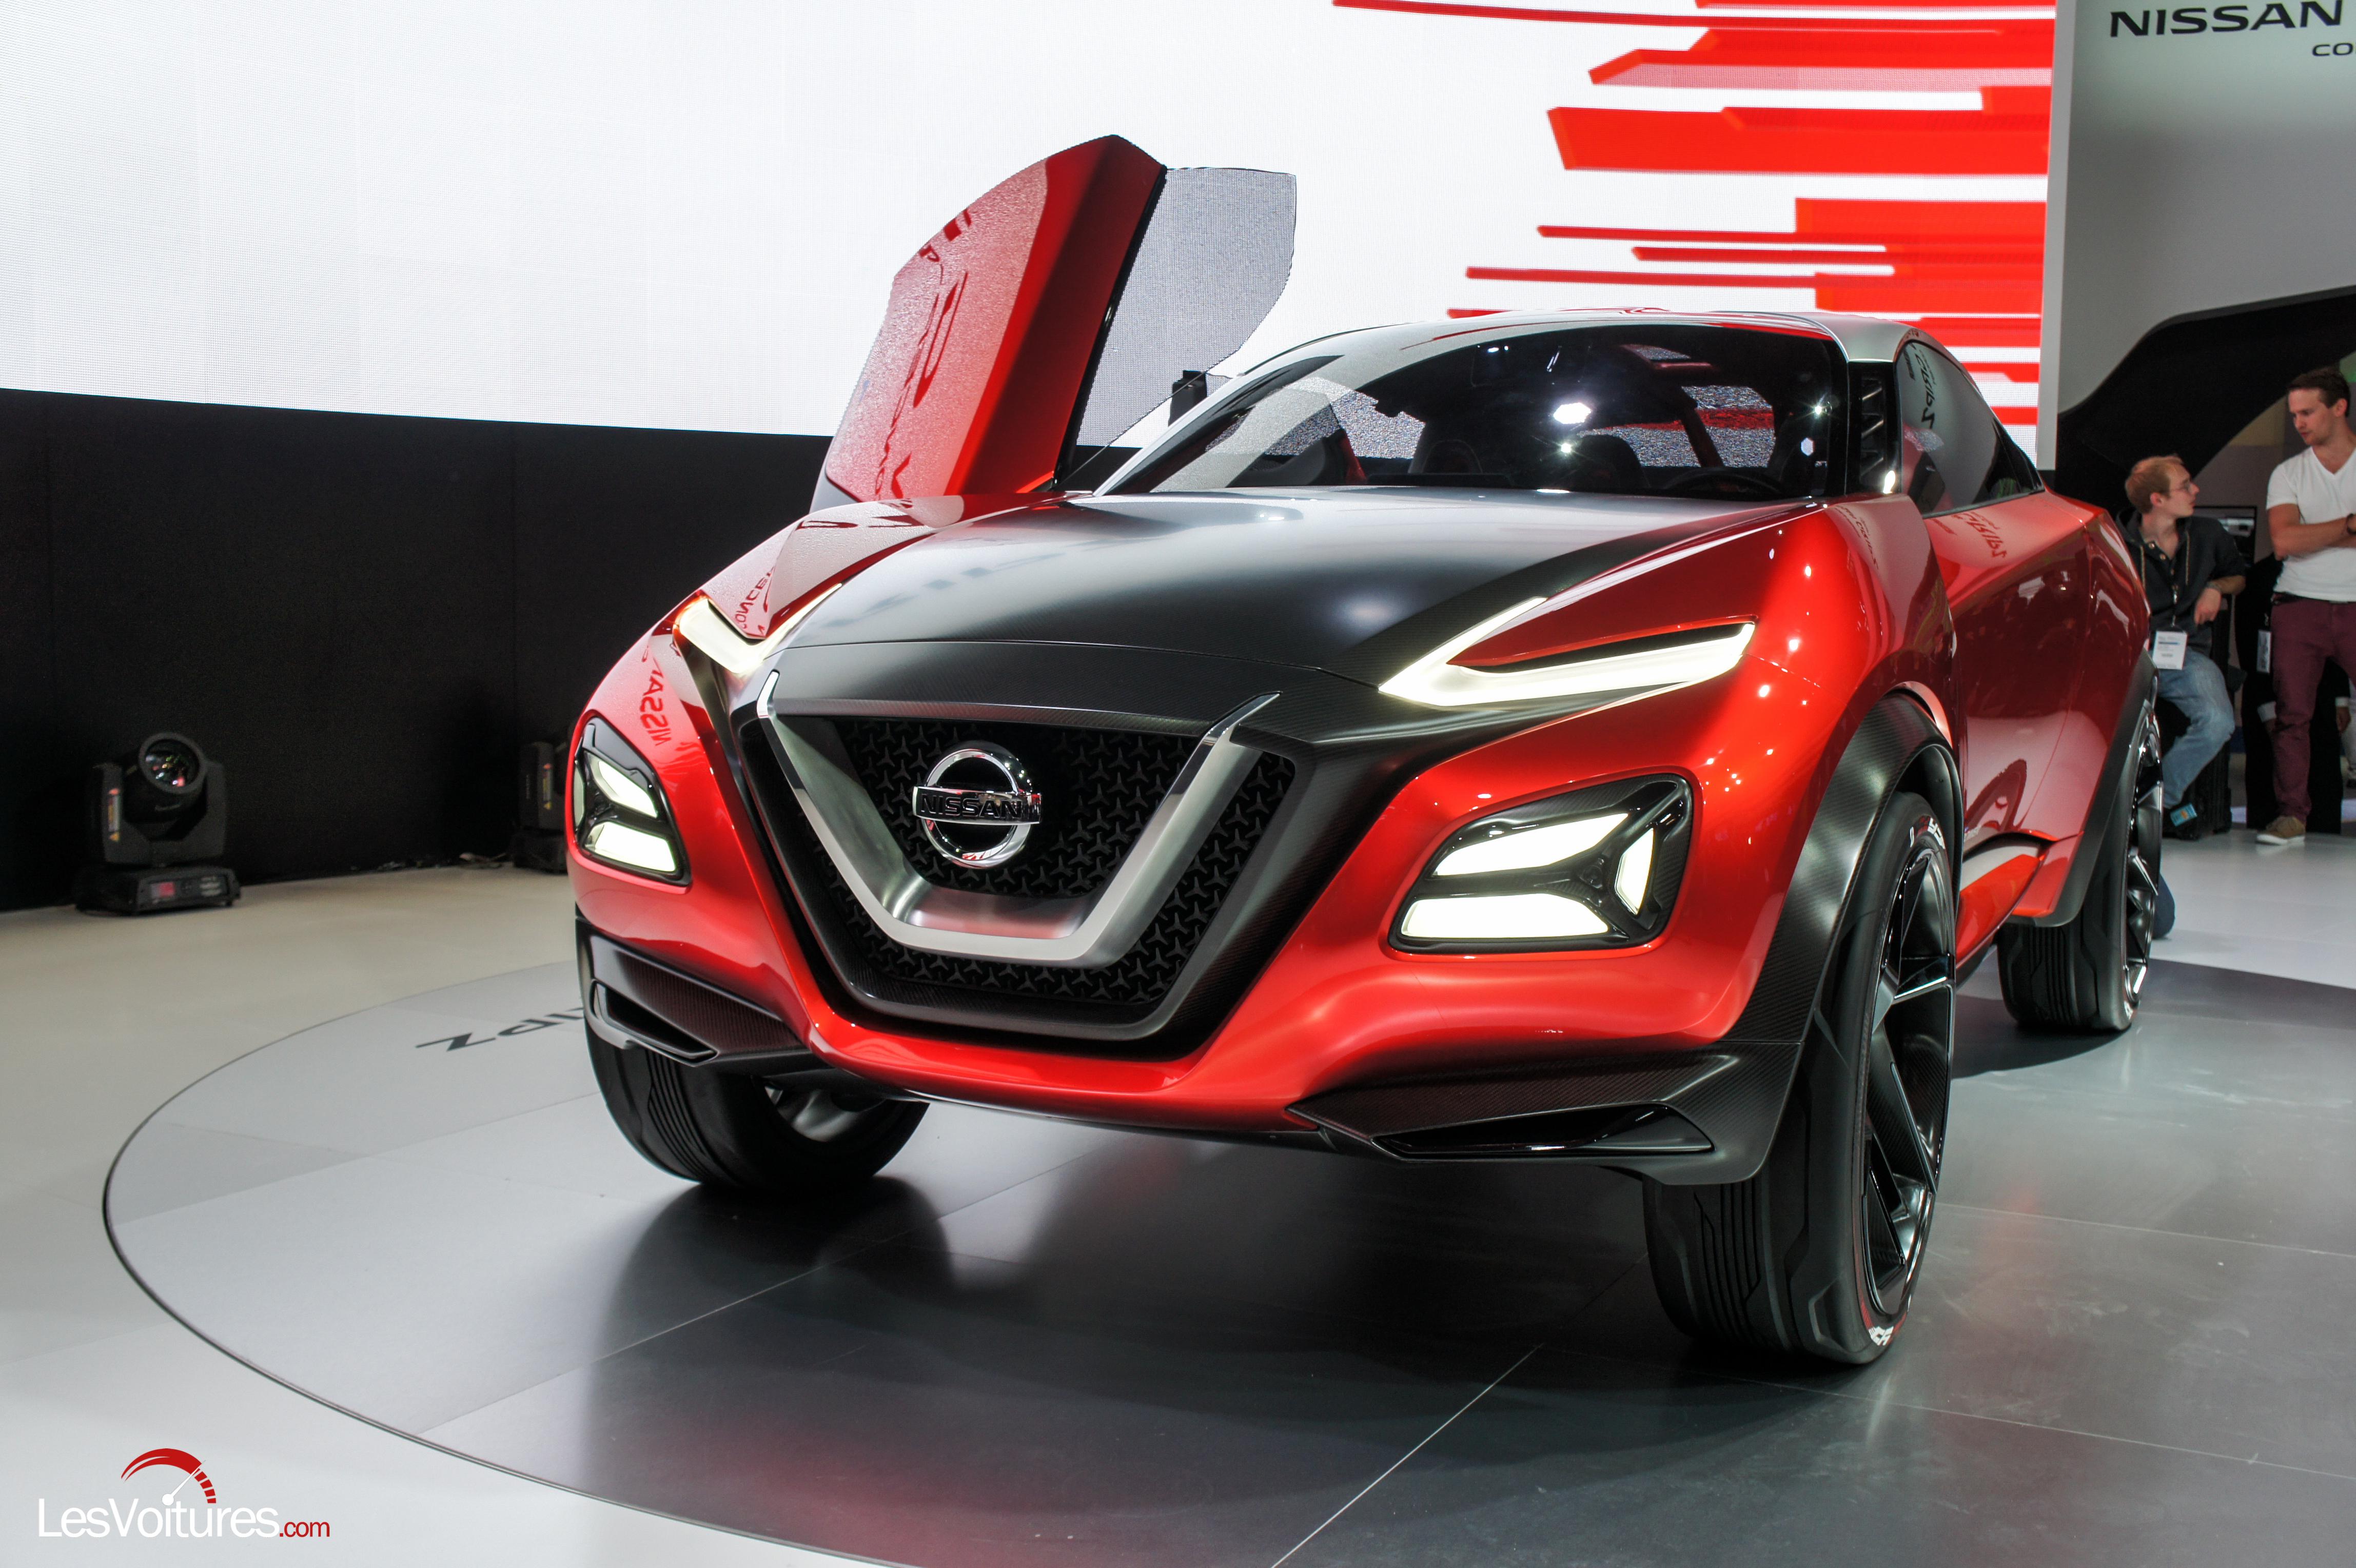 Francfort-2015-automobile-40-Nissan-Gripz-concept